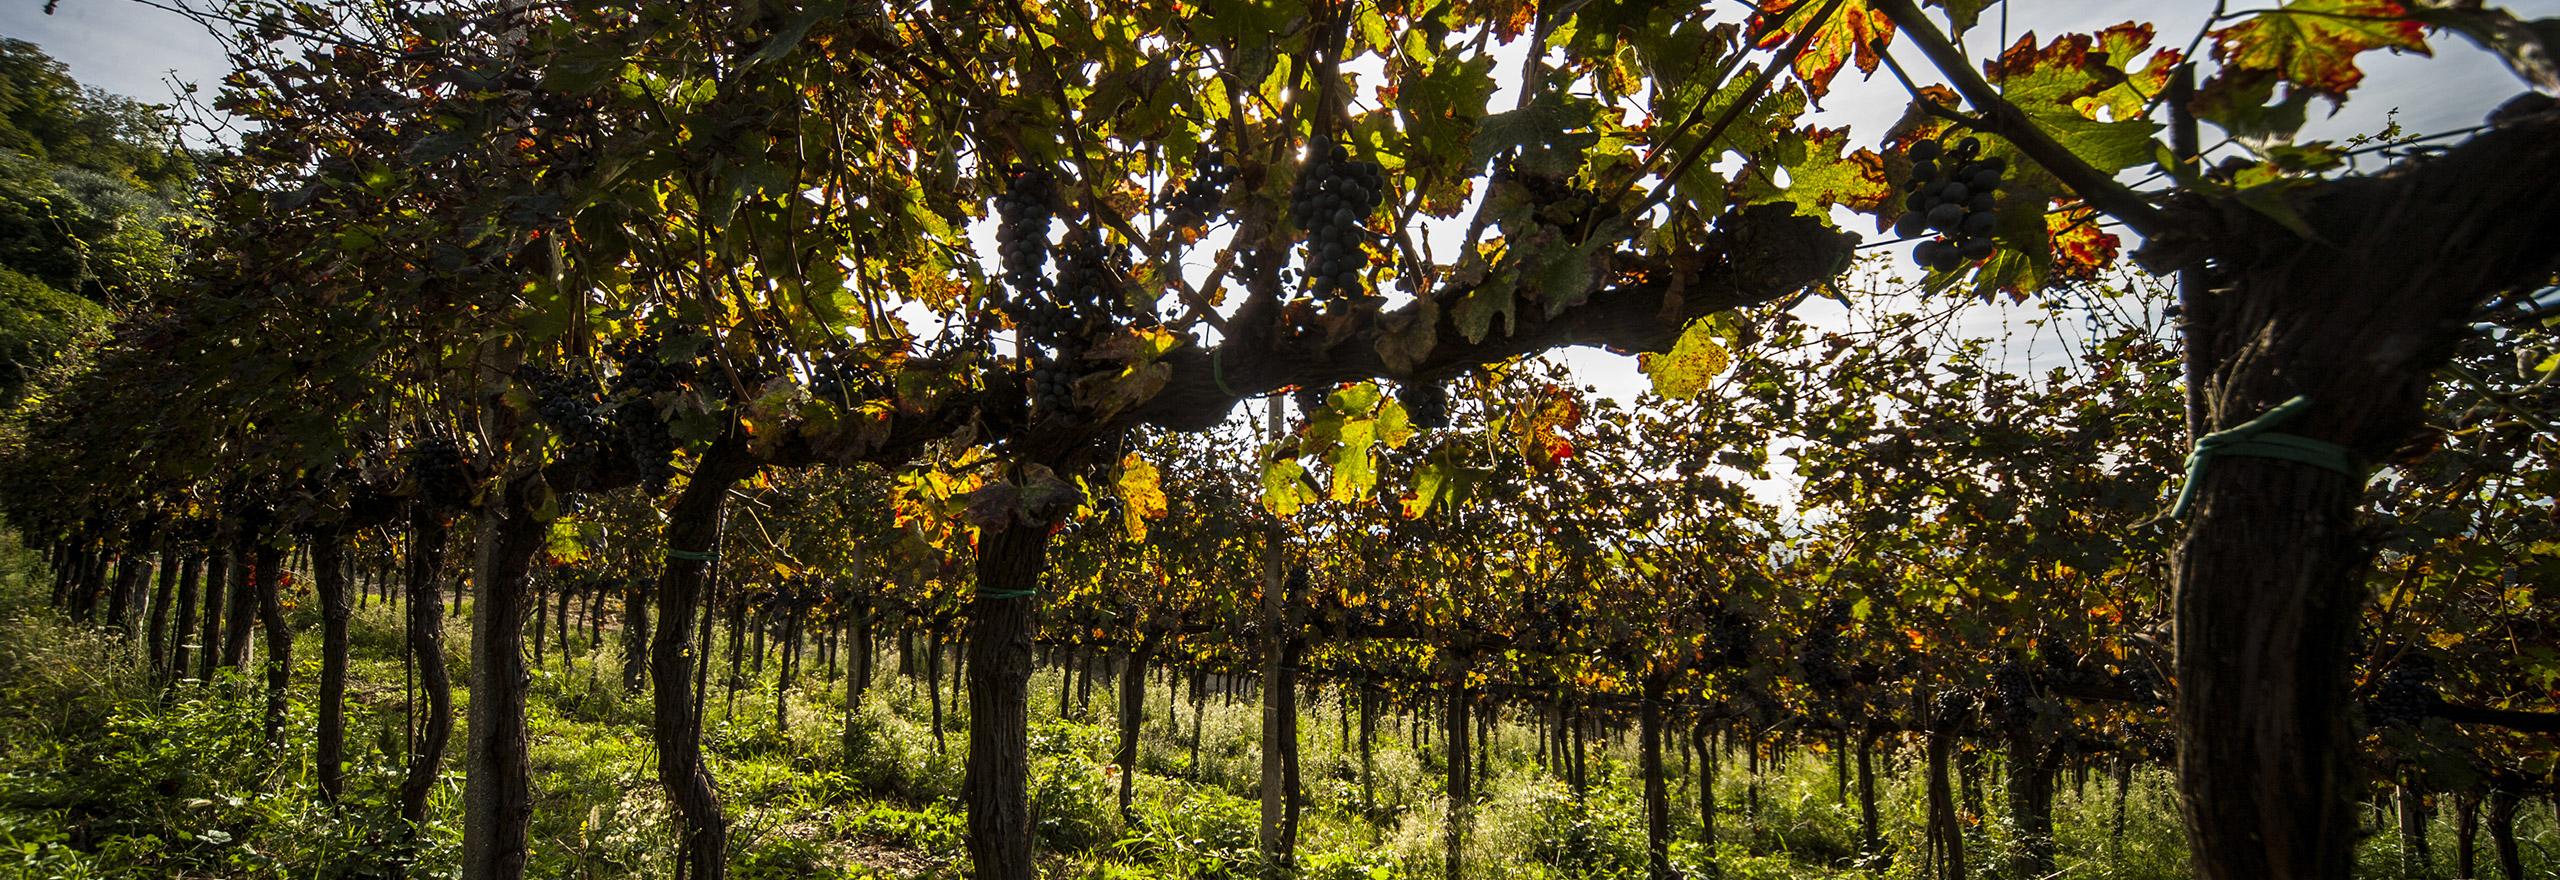 Vigne-dei-colli-euganei-Azienda-Agricola-Le-Volpi-